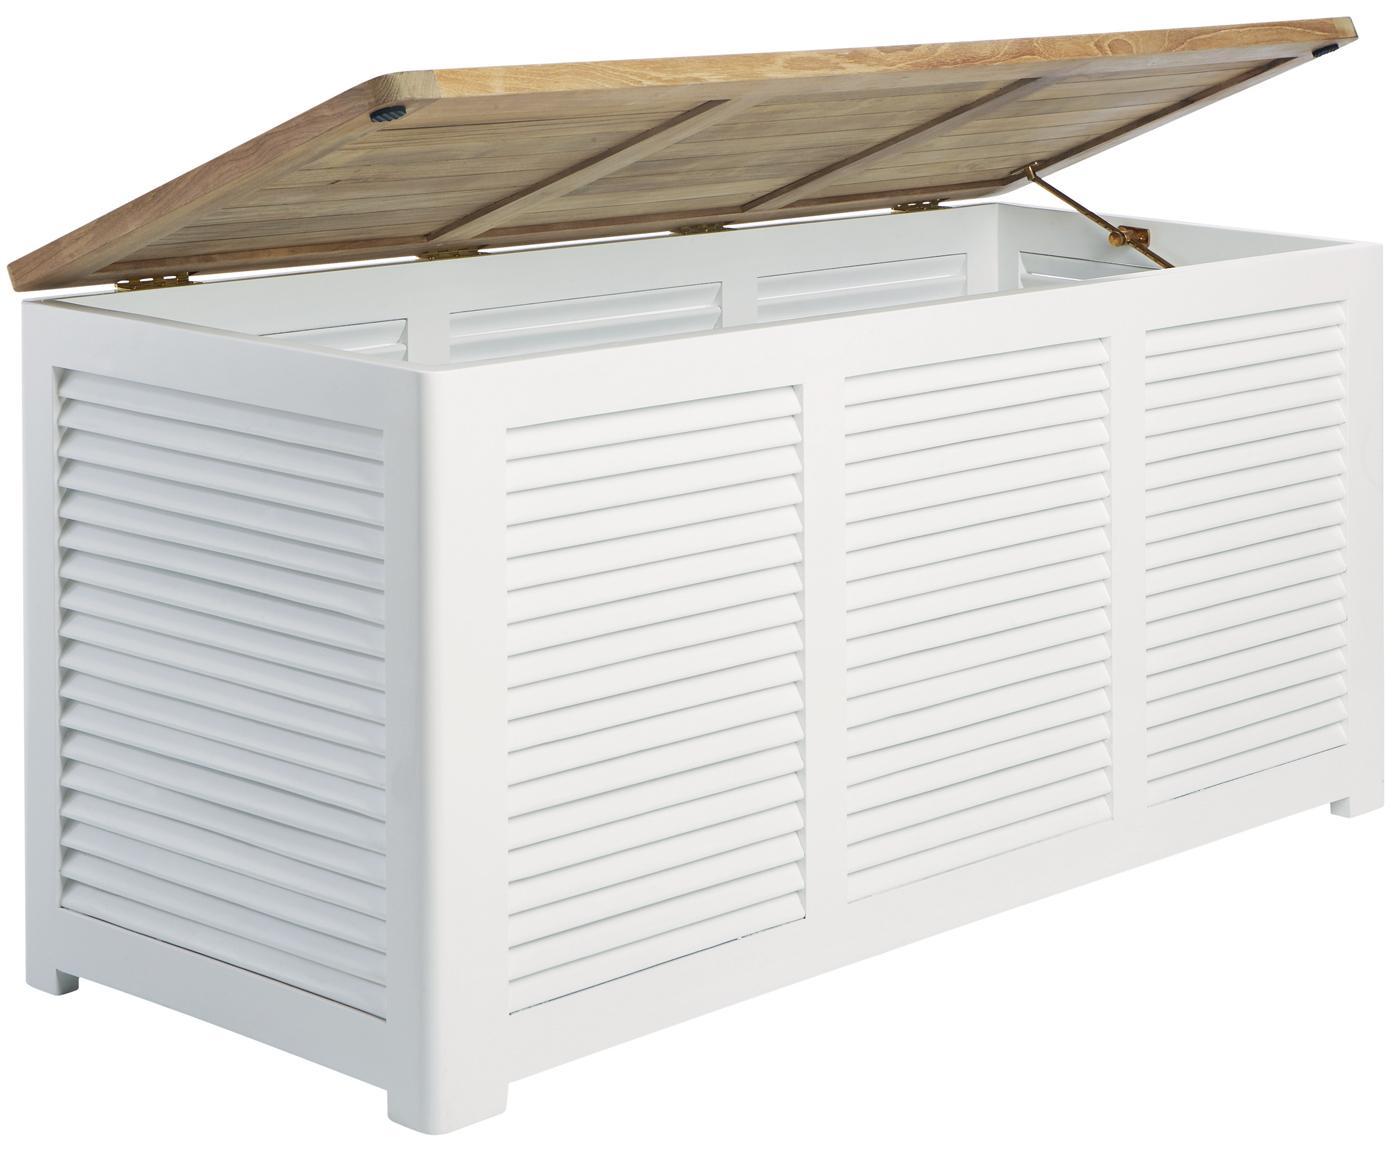 Baúl de jadín de madera Storage, Estructura: madera de caoba, pintada, Teca, blanco, An 130 x Al 60 cm